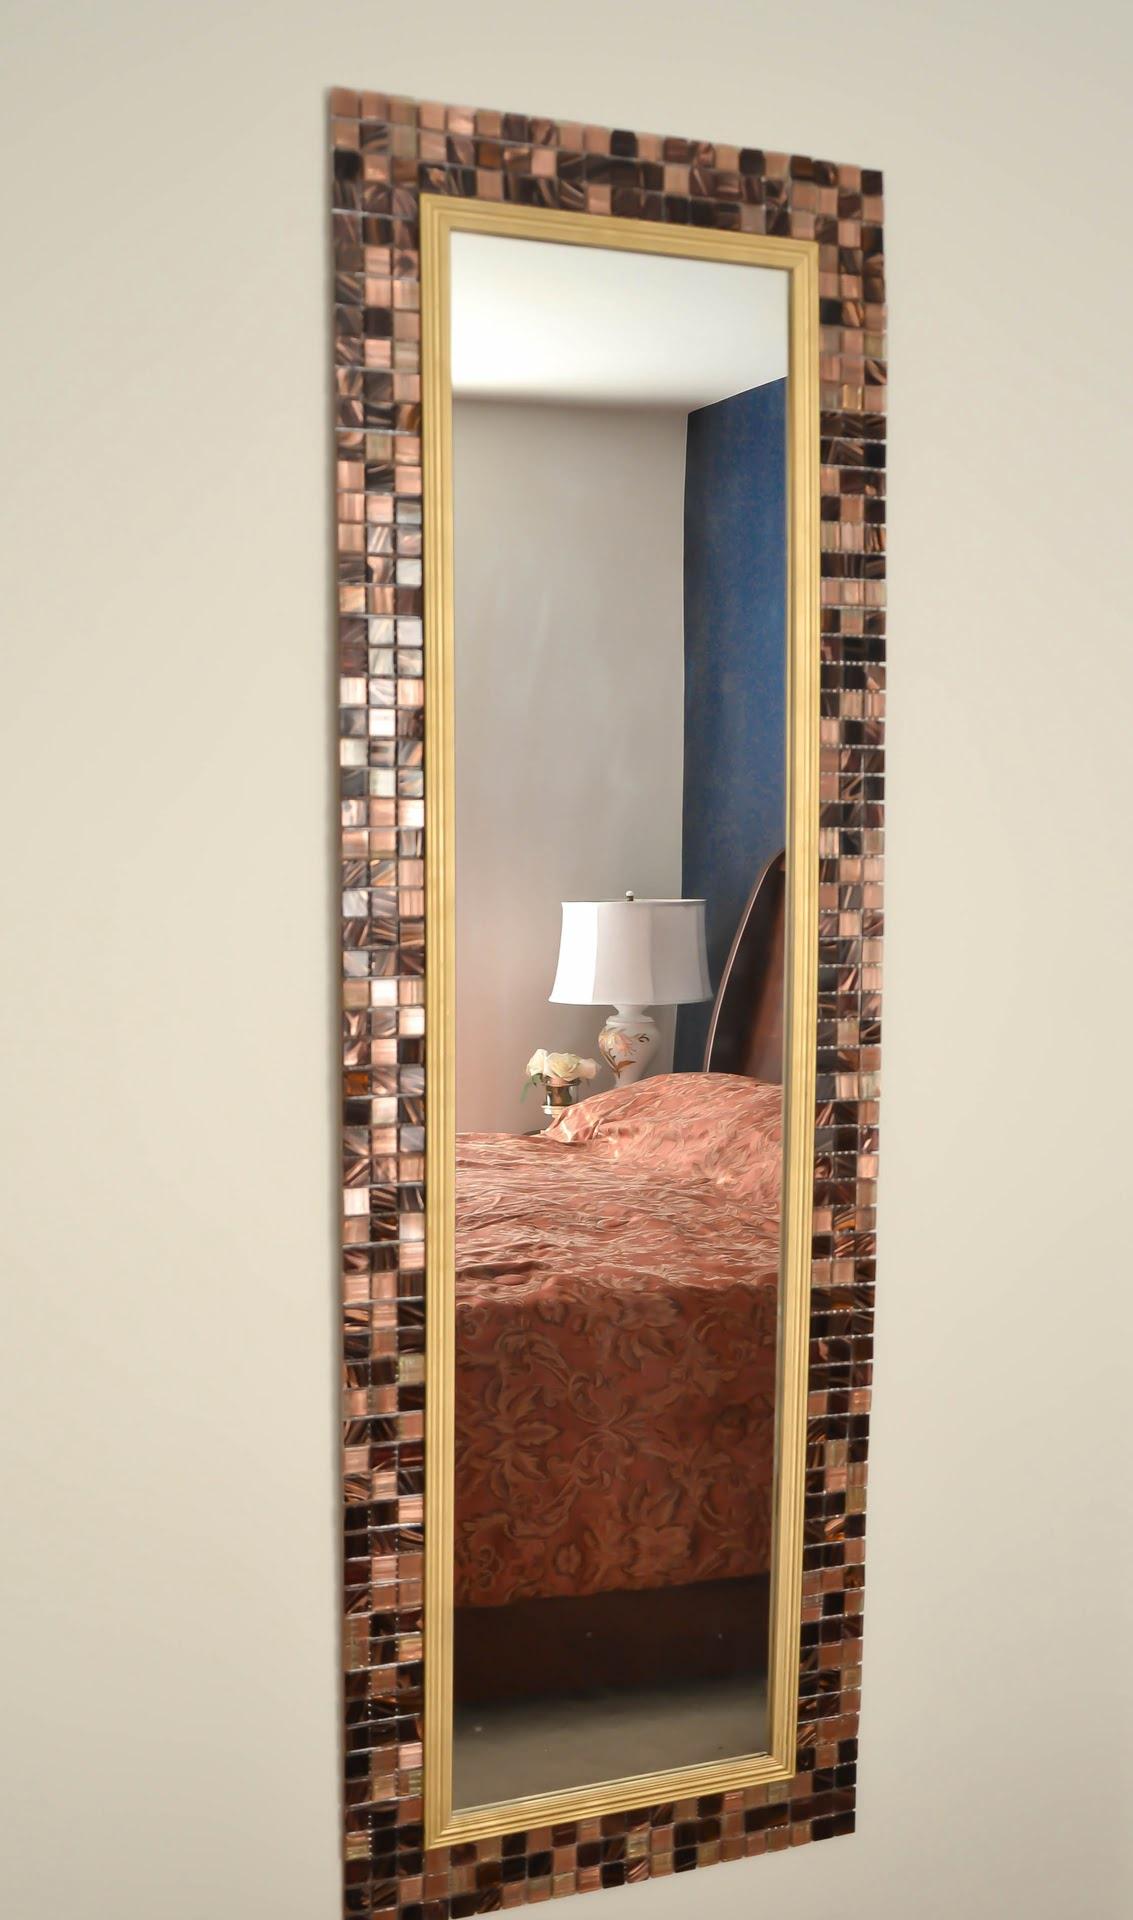 Diy cadre de miroir en carrelage mosa que for Au dela du miroir